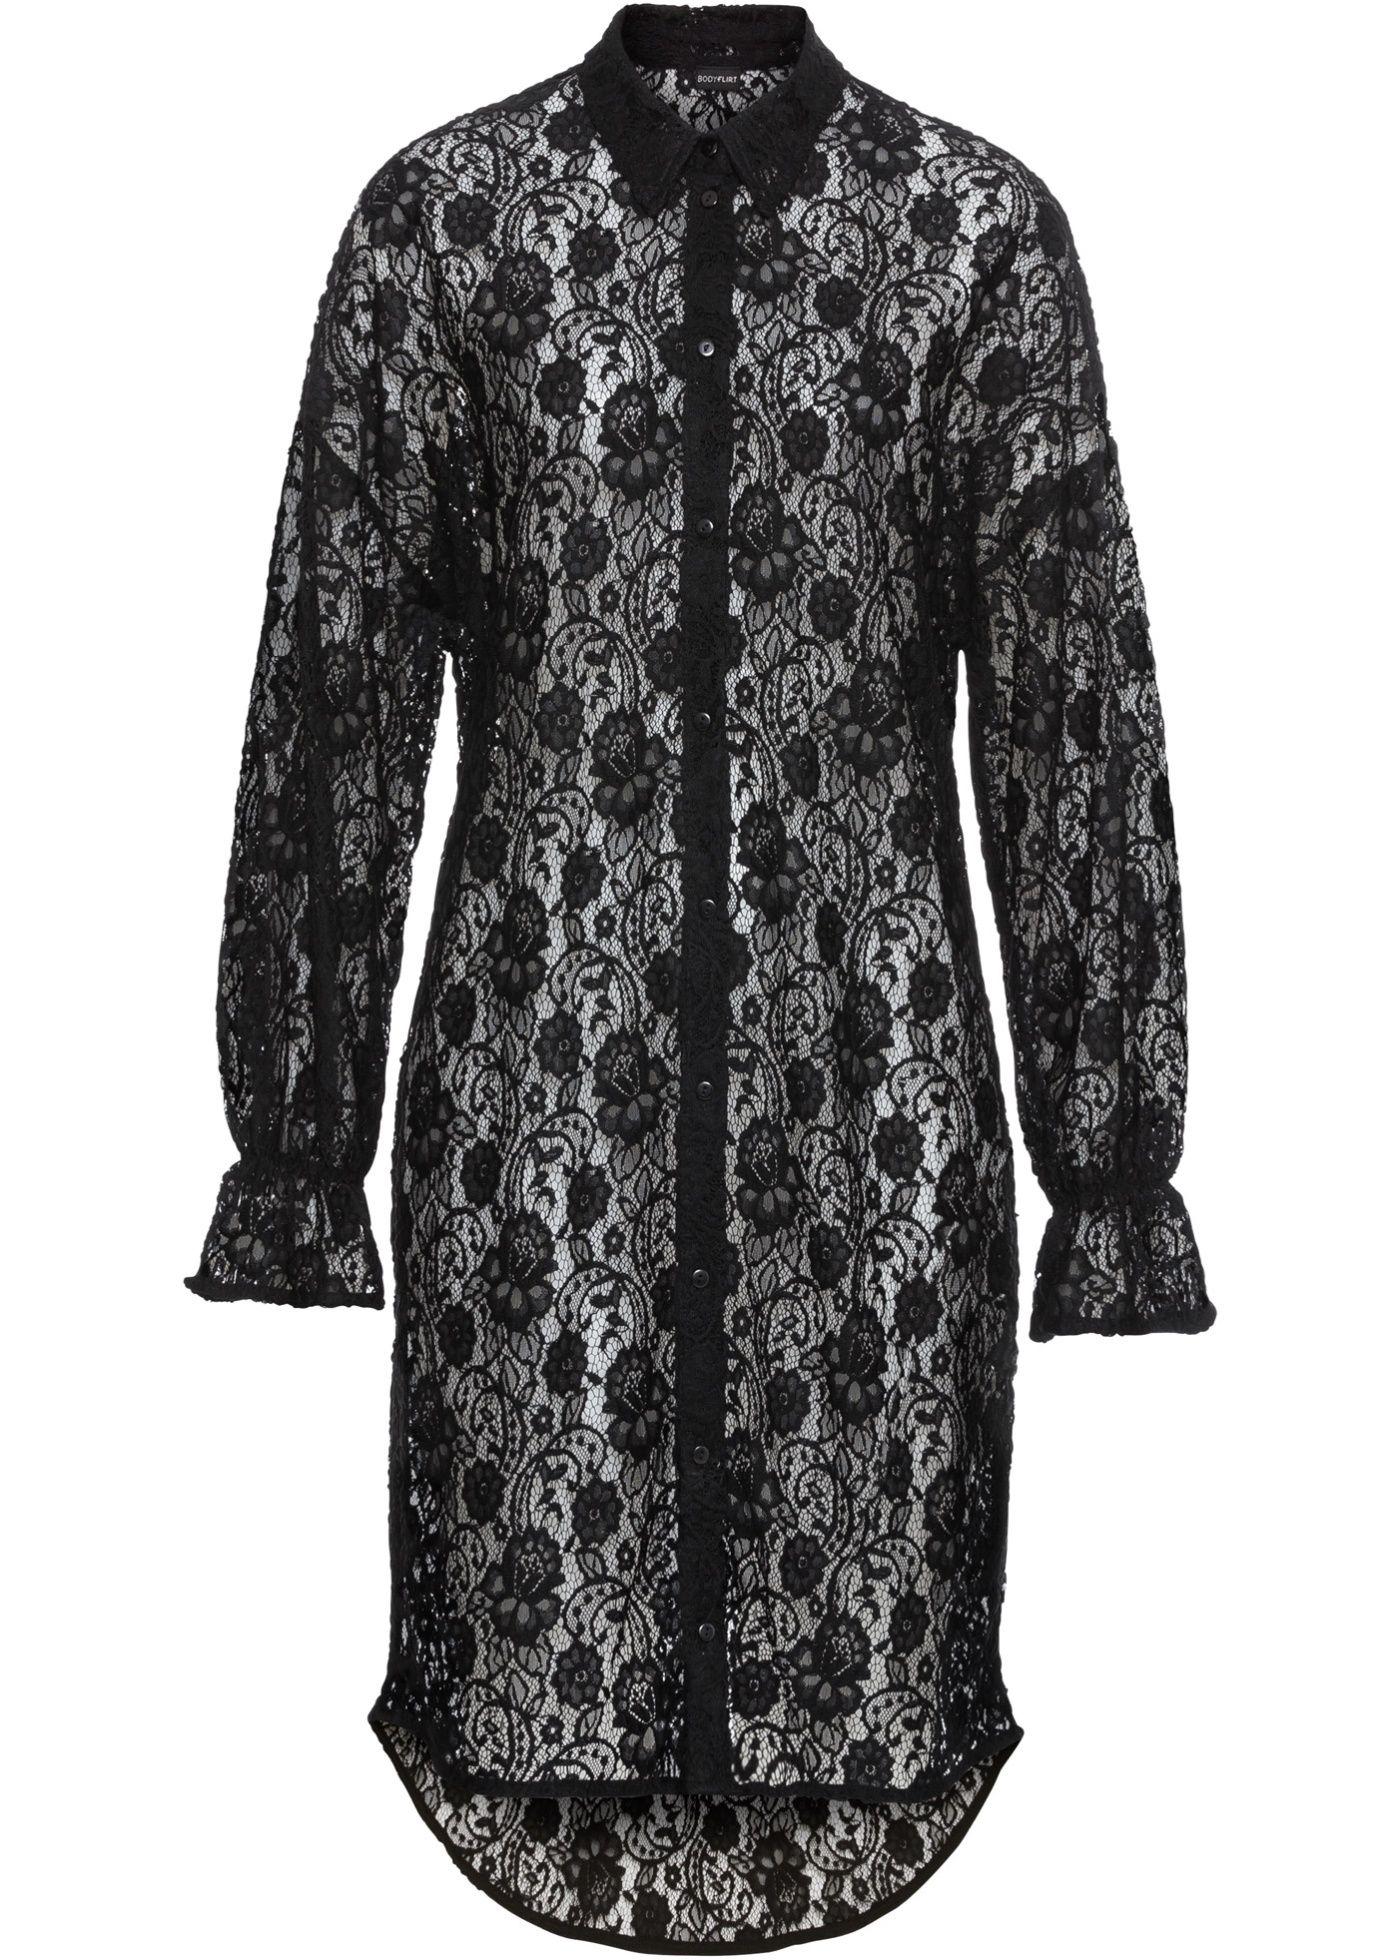 Hemdblusen-Kleid aus Spitze | Blusenkleid, Hemdblusen, Bluse